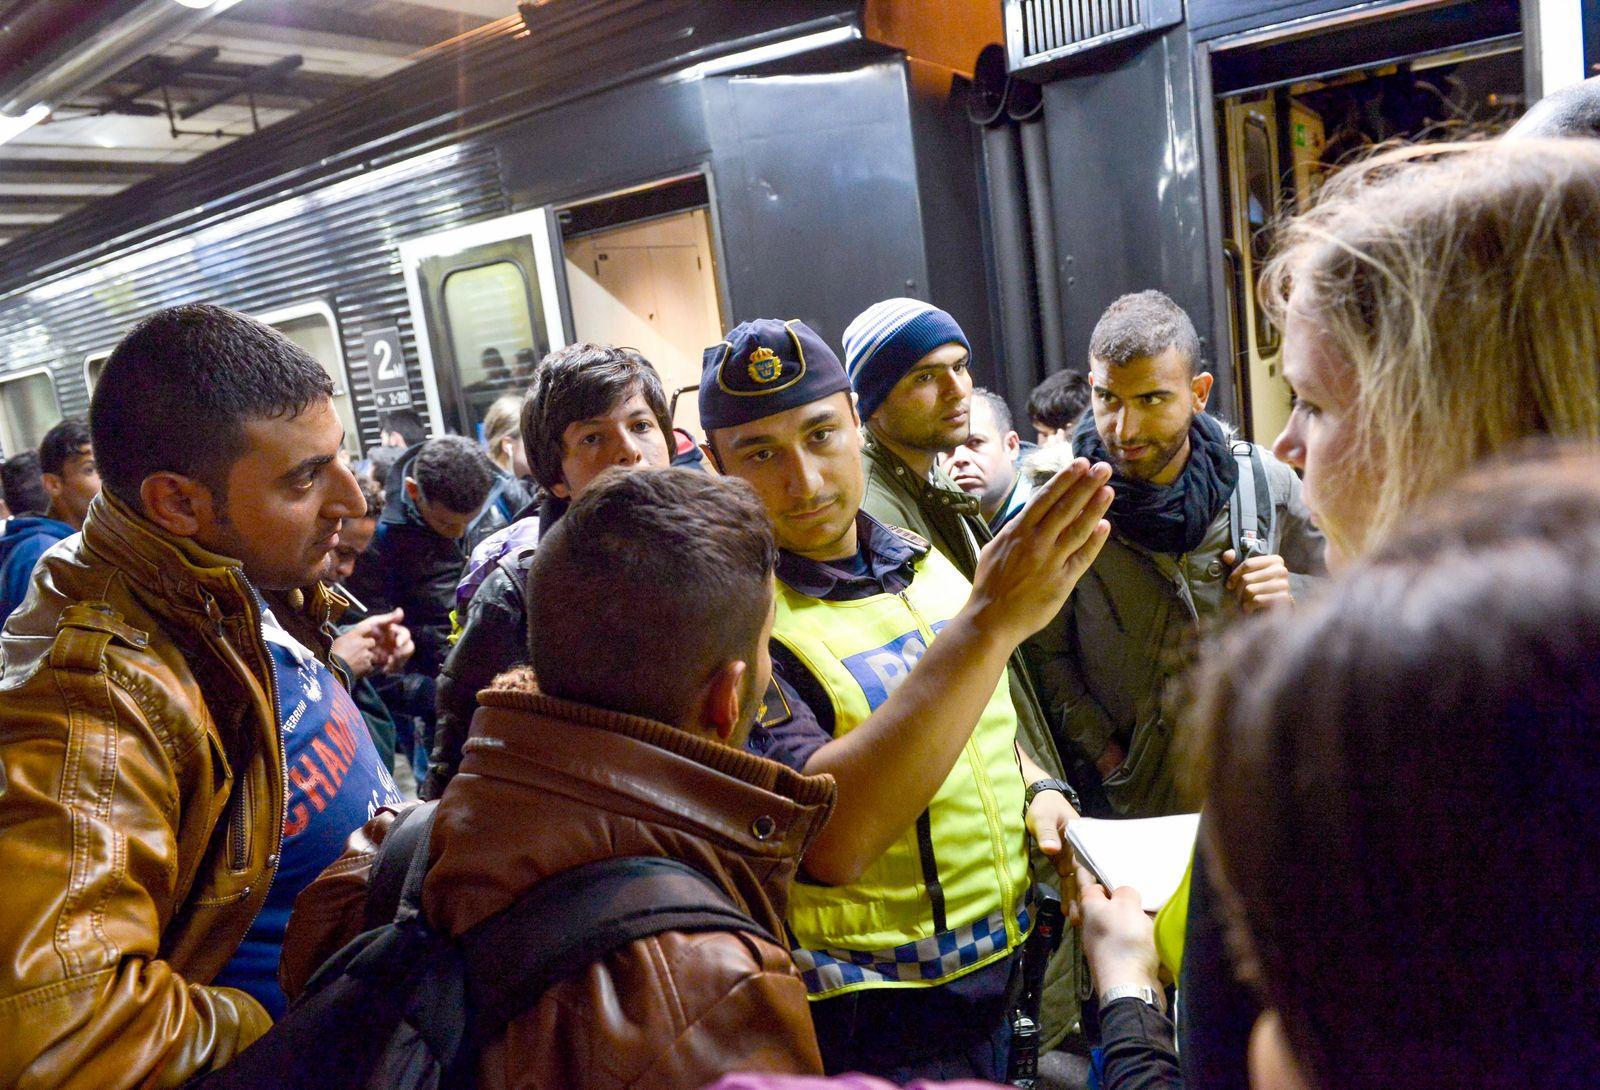 Flüchtlinge/ Bahnhof/ Stockholm/ Schweden